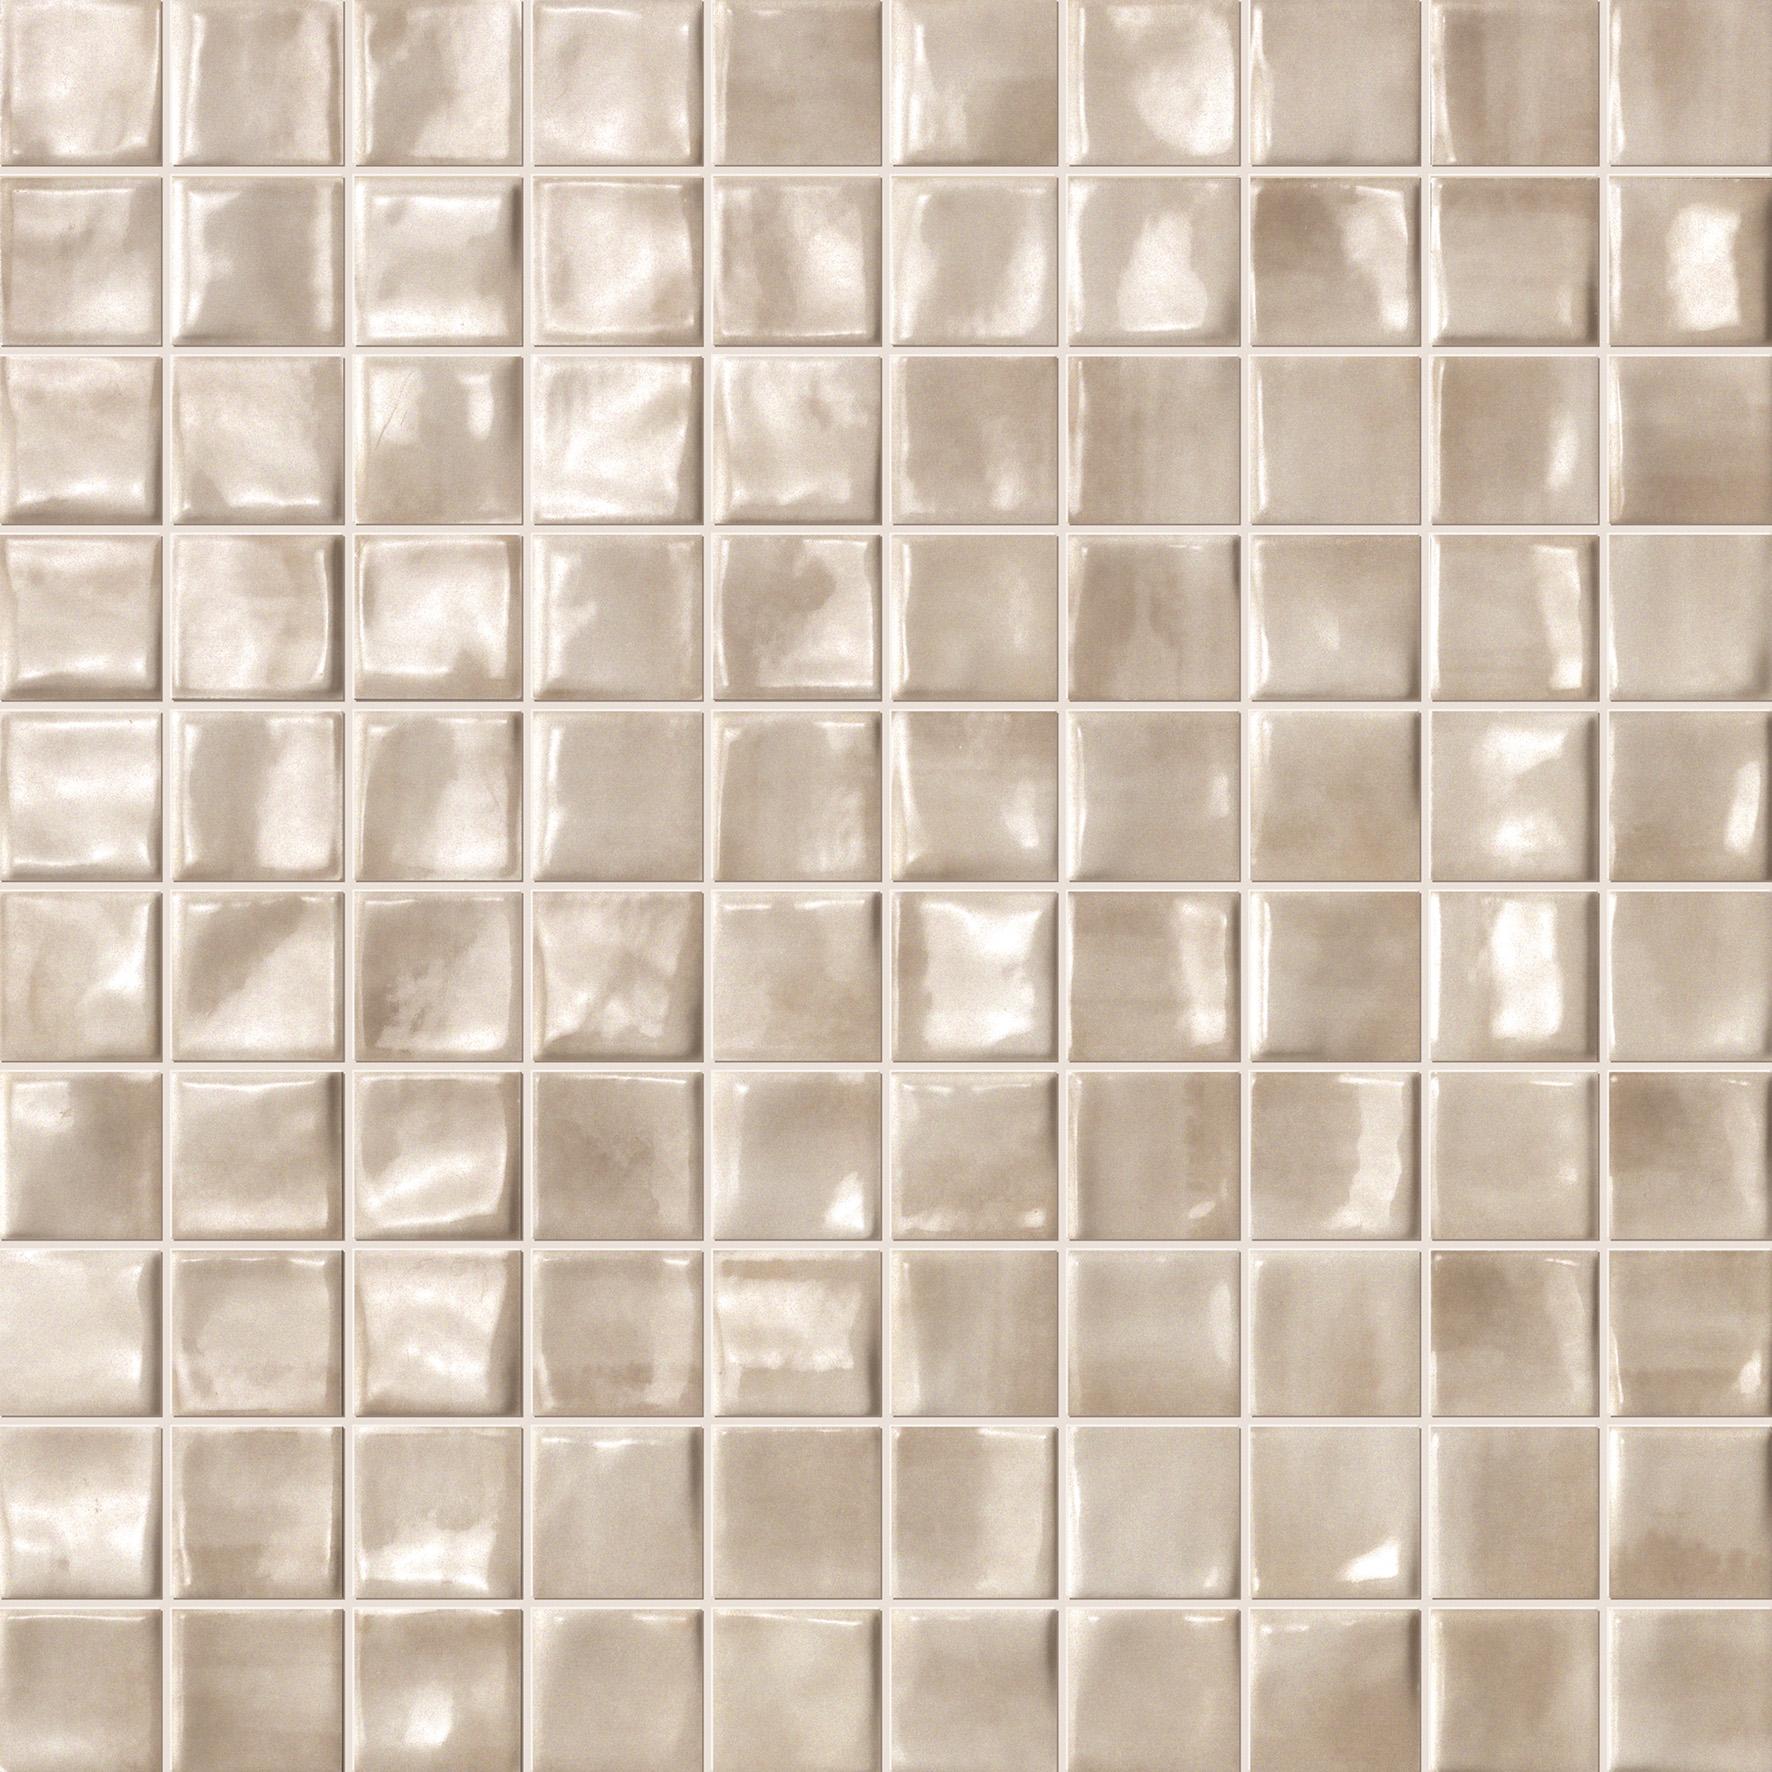 Мозаика FAP Ceramiche Frame +20236 Natura Sand Mosaico мозаика fap ceramiche frame 20244 talc mosaico